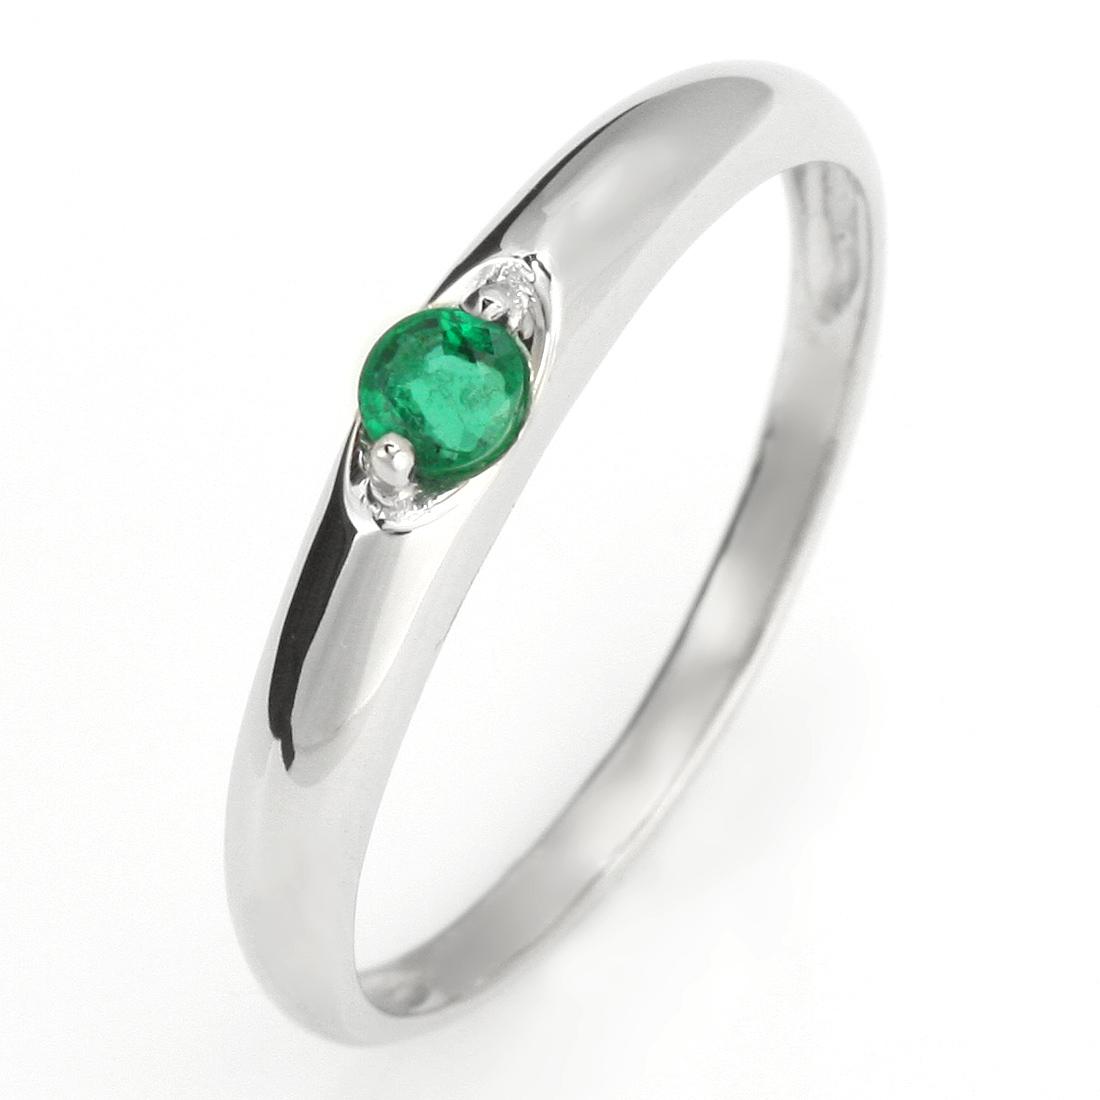 ペアリング 結婚指輪 マリッジリング プラチナ リング エメラルド 5月 誕生石【DEAL】